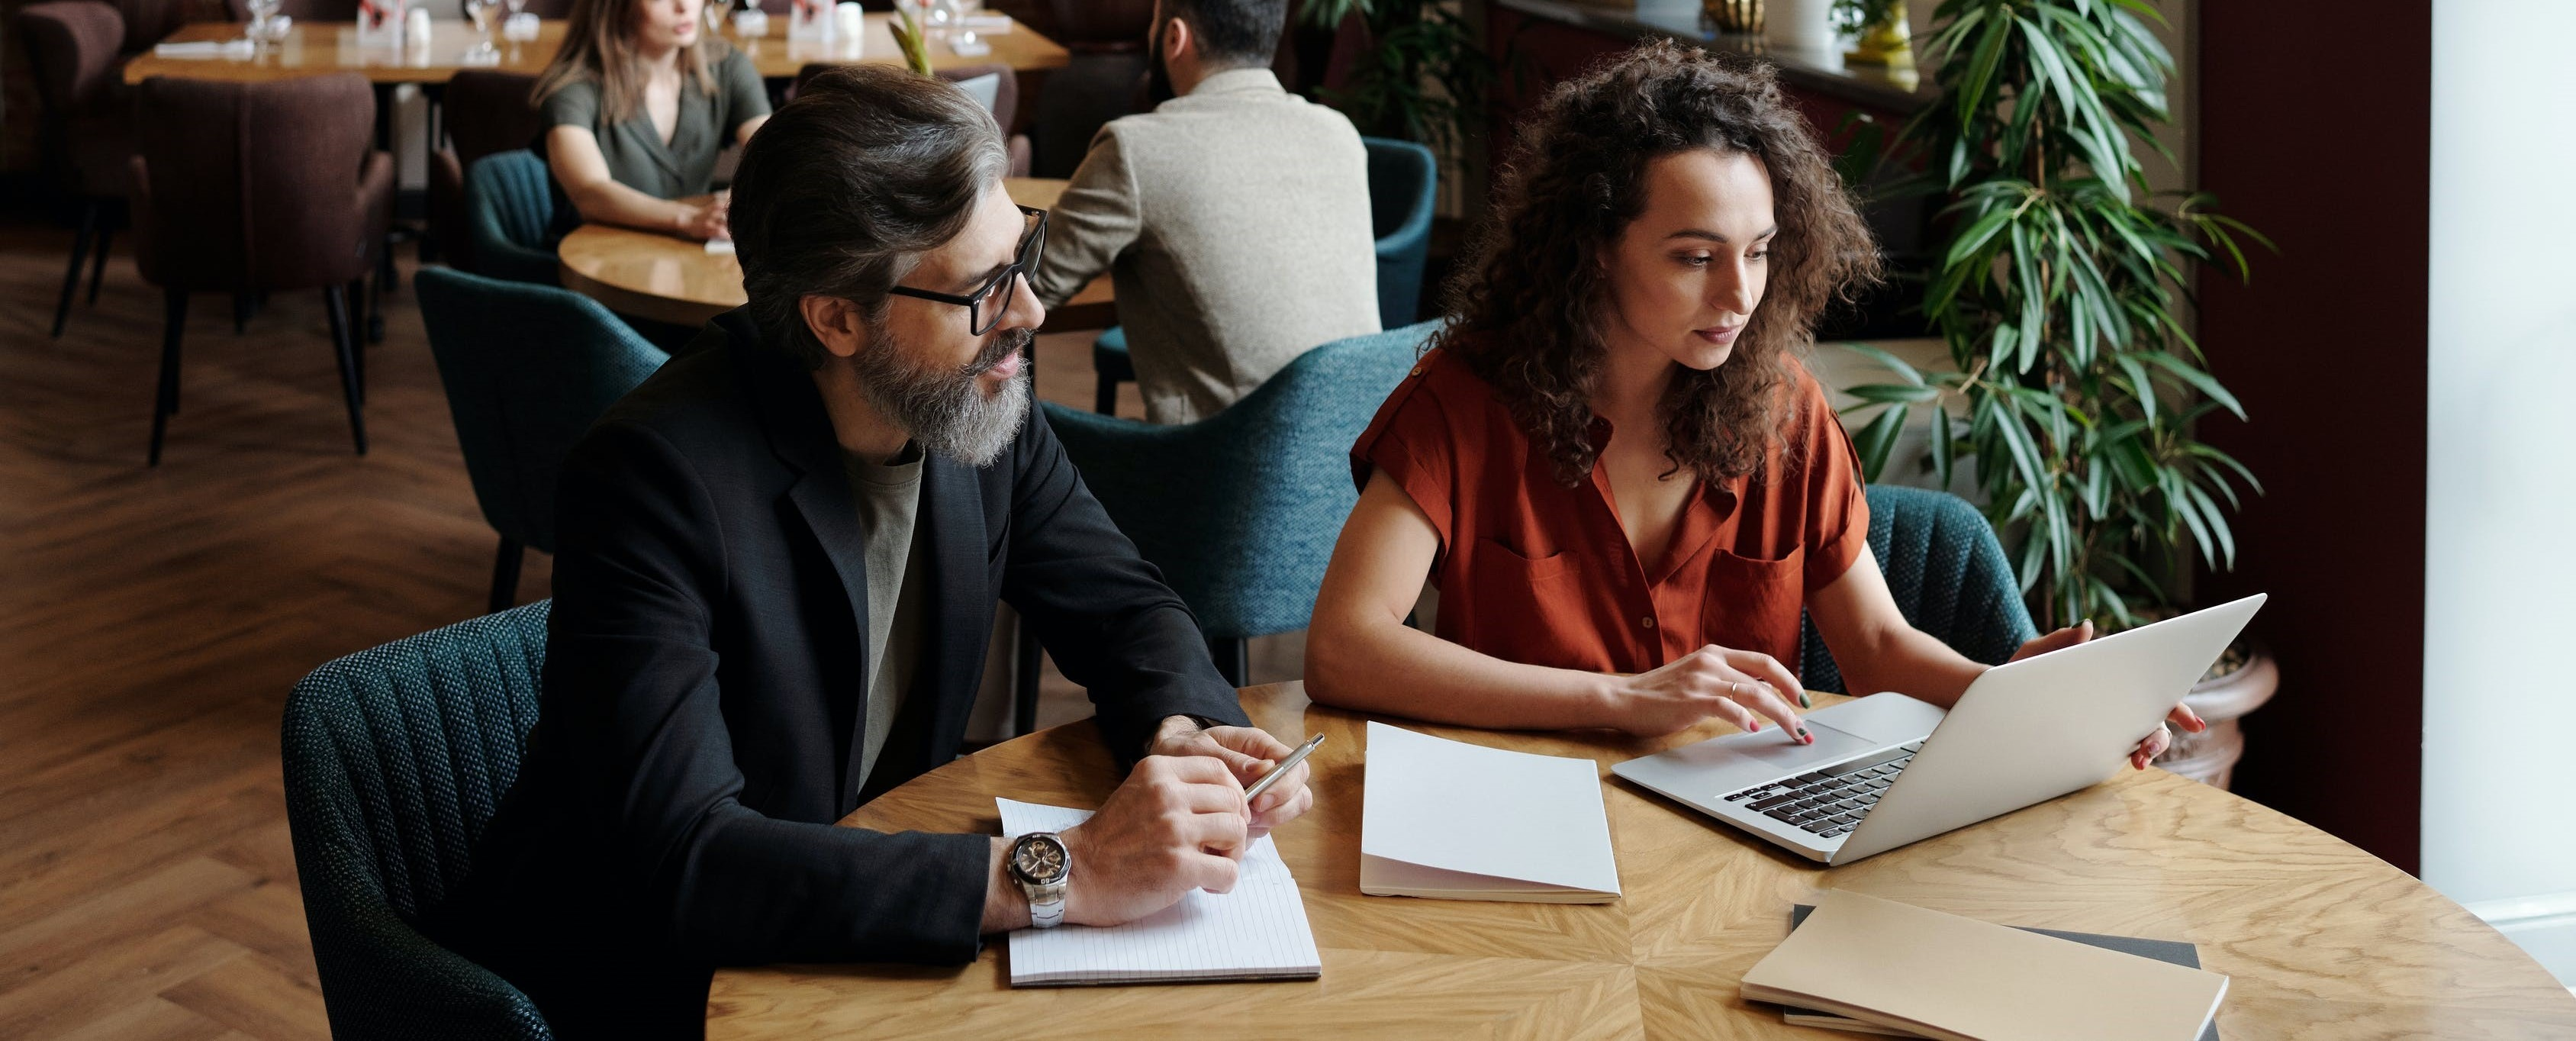 Så er ventetiden forbi: Nu giver Workee dig mulighed for at ansætte nye medarbejdere i tæt samarbejde med dine kollegaer